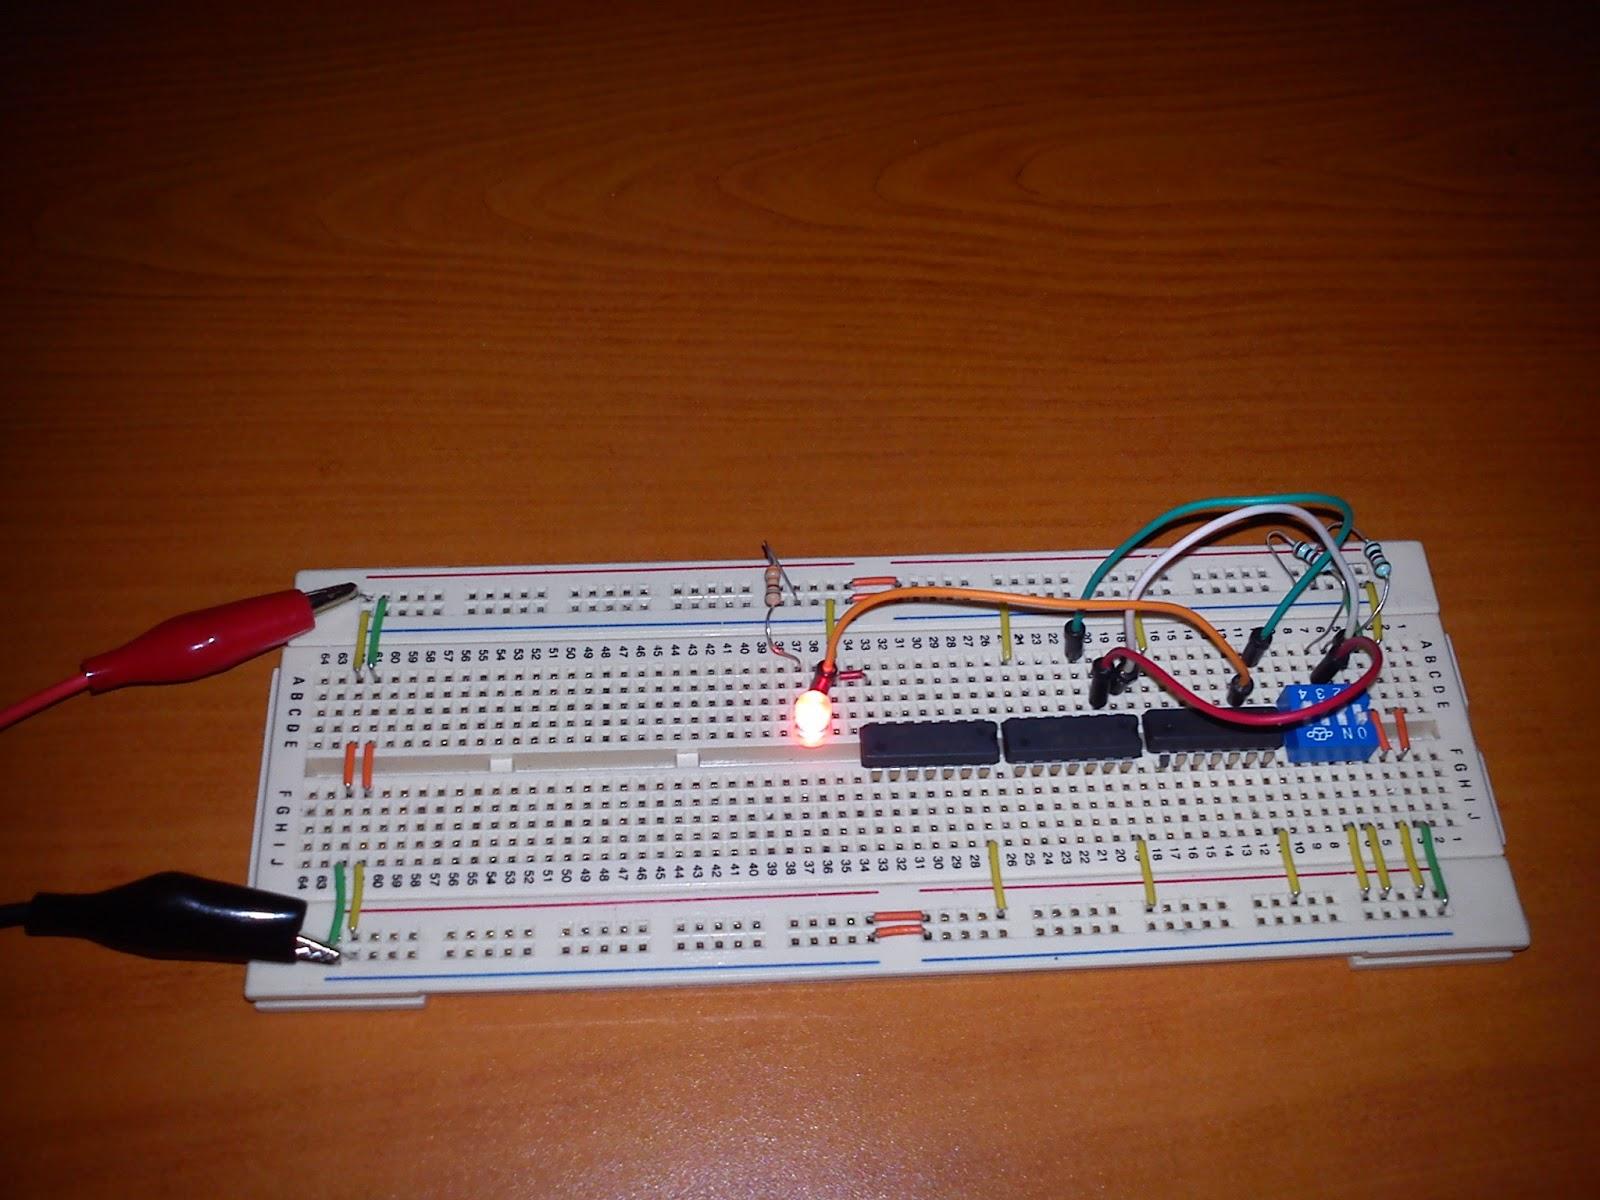 Circuito Nand : Super digitalízame experimentación con compuertas lógicas